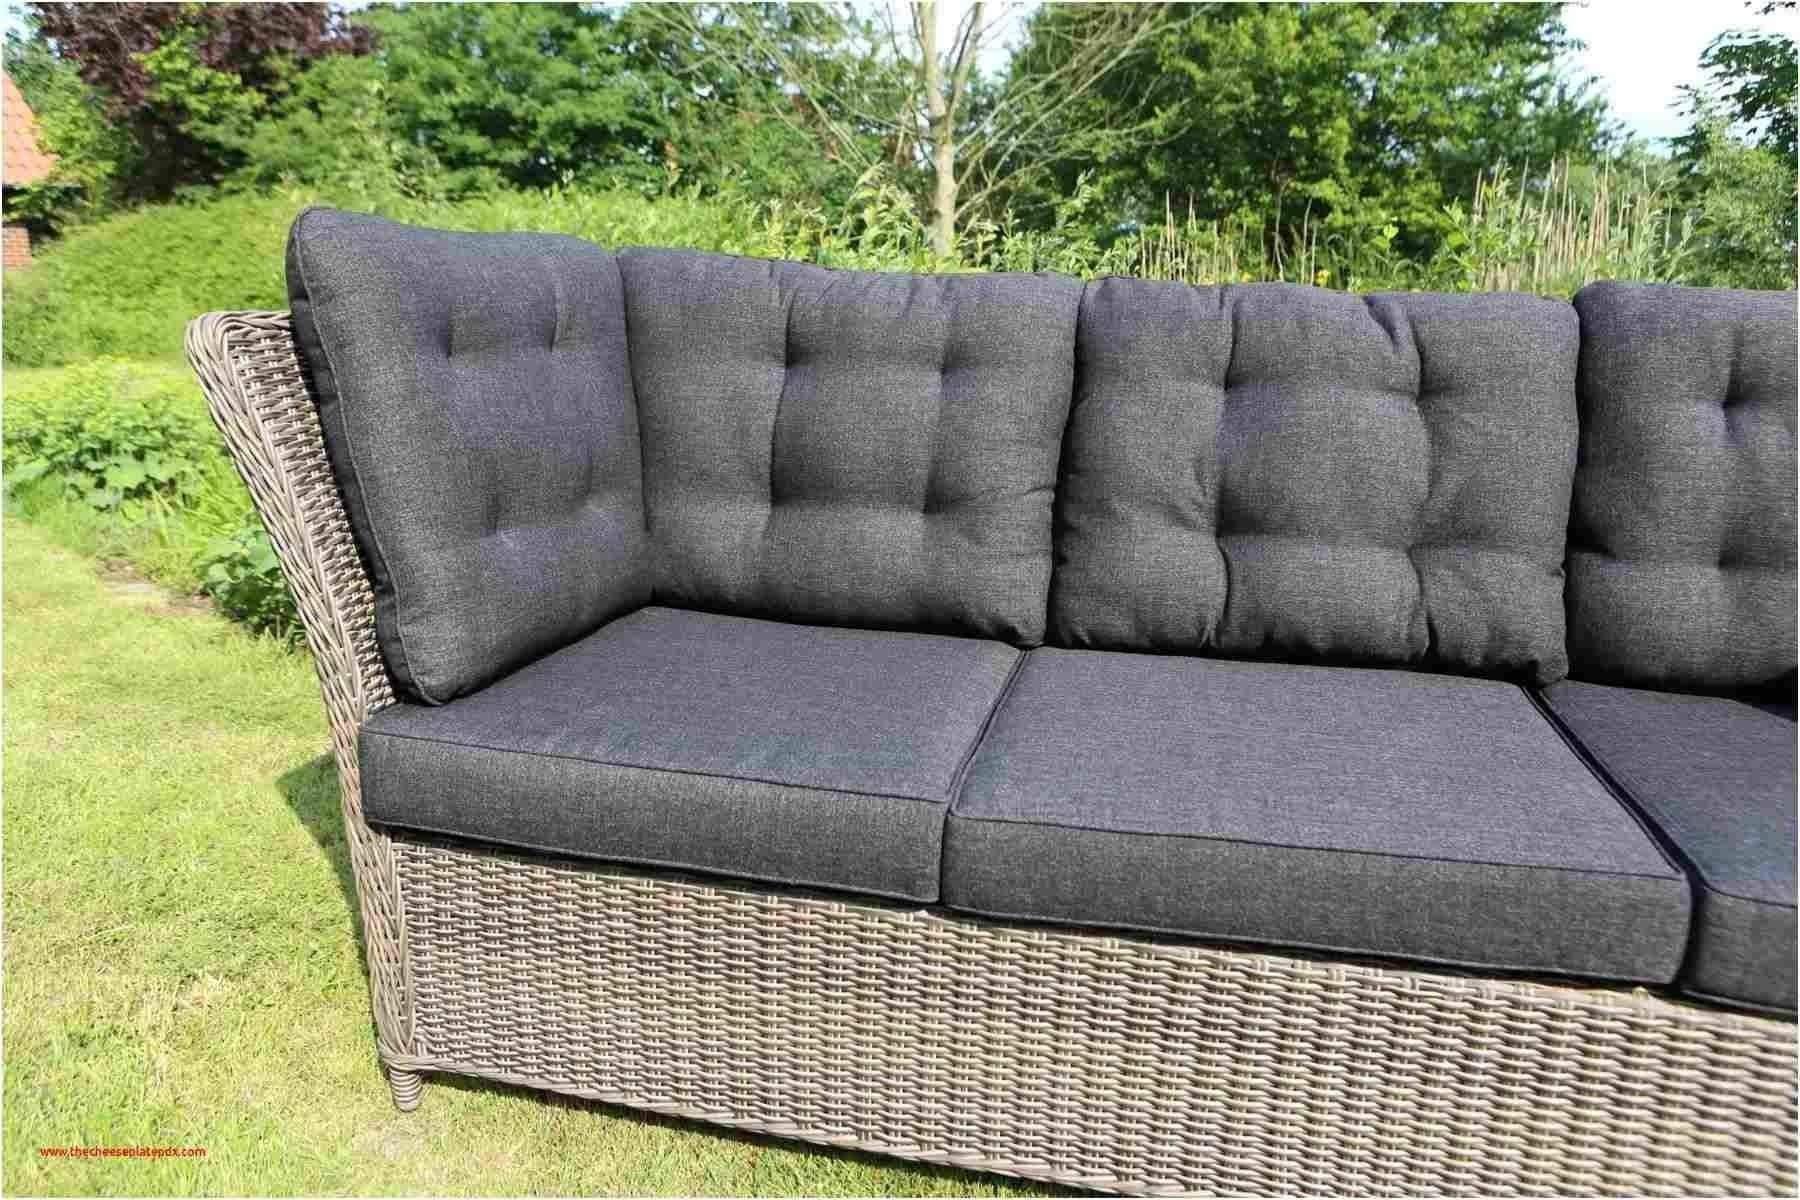 Kot Im Garten Von Welchem Tier Neu 35 Luxus Couch Garten Einzigartig